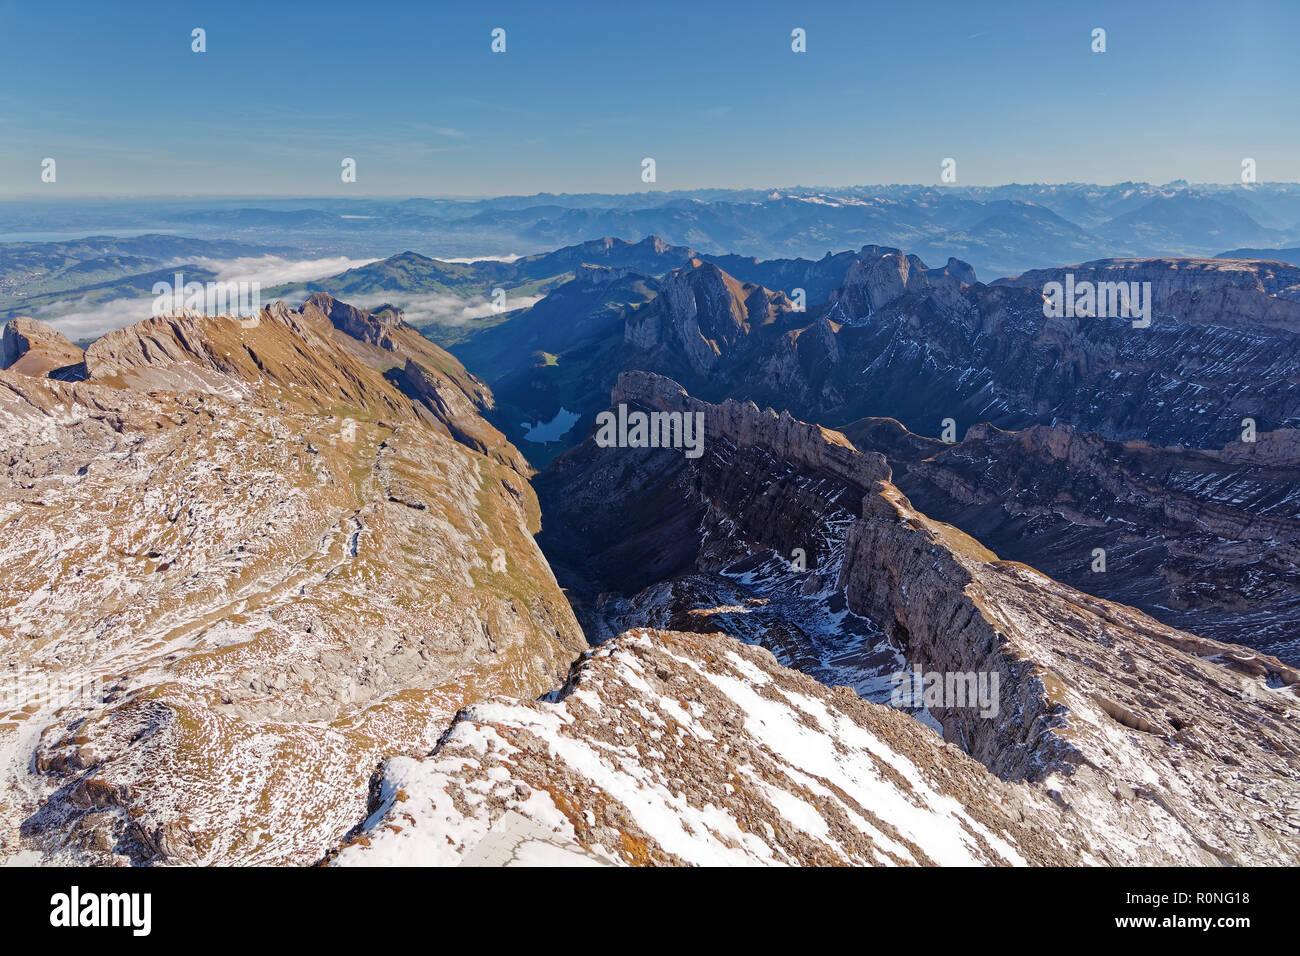 Sonnig, erster Schnee, Blick vom Säntis Richtung Norden, Alpstein - Appenzell Alpen, Schweiz Stockbild